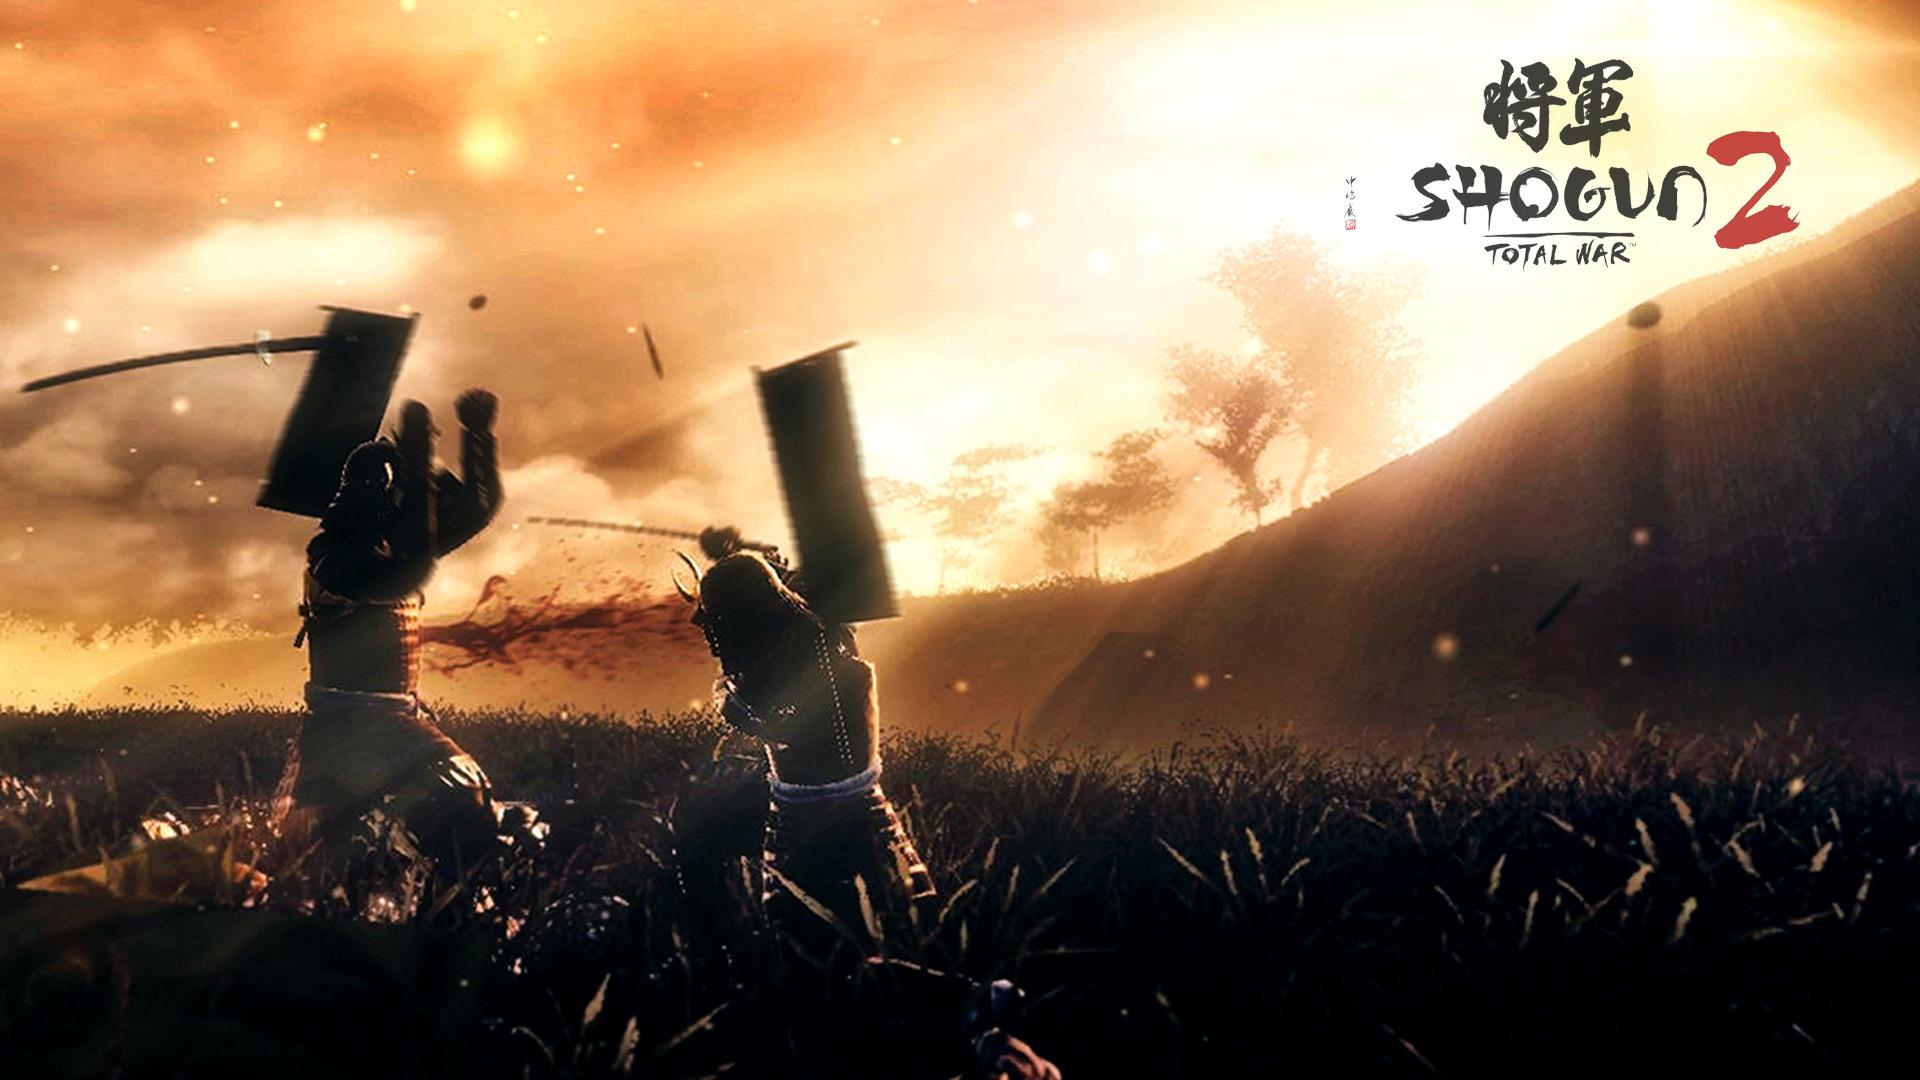 attack Shogun sunset Total War war   Full HD Desktop Wallpaper 1920x1080